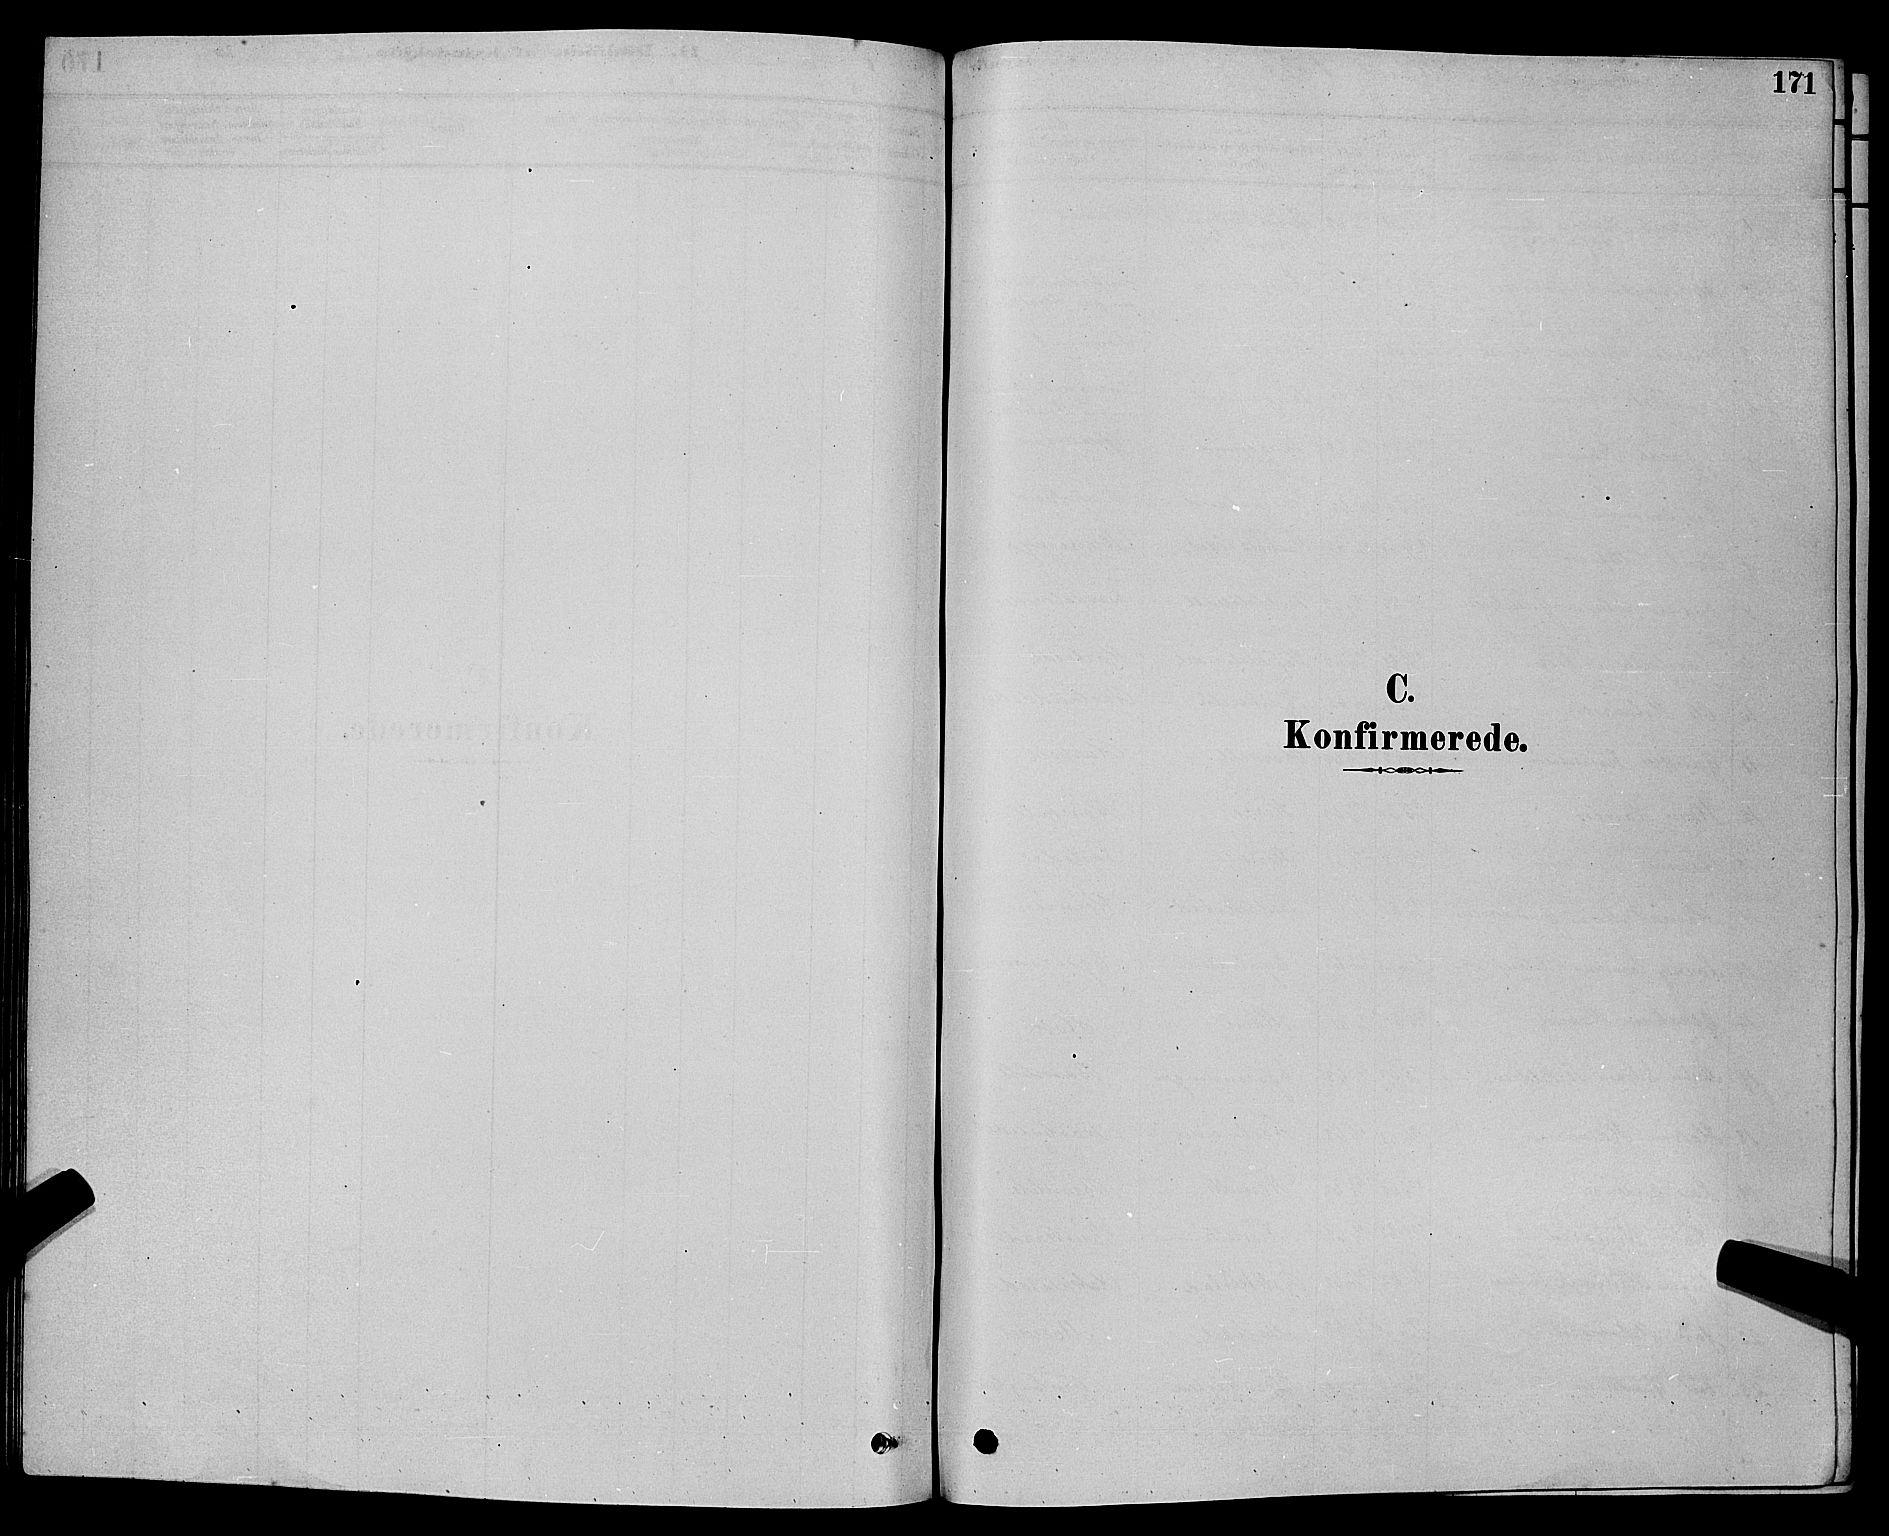 SAKO, Bamble kirkebøker, G/Ga/L0008: Klokkerbok nr. I 8, 1878-1888, s. 171